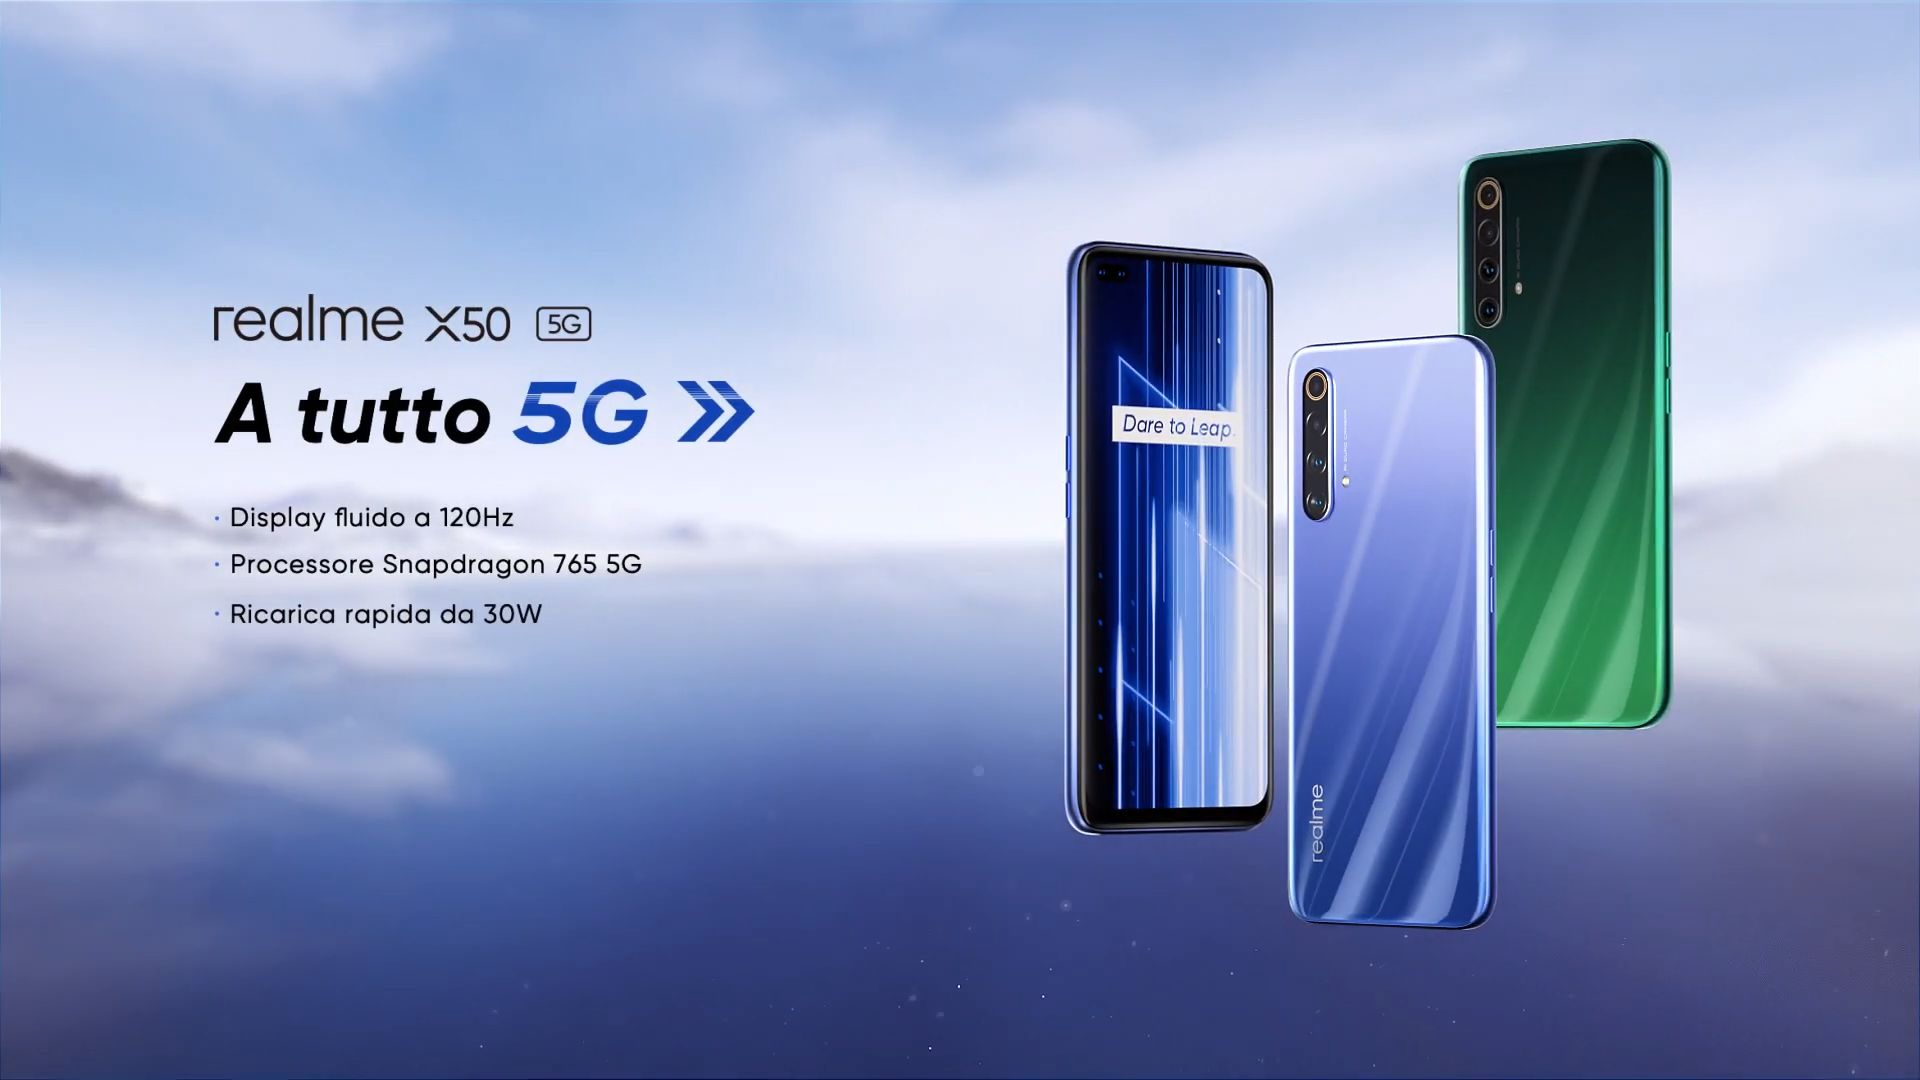 Realme X50 5G arriva ufficialmente in Italia: un nuovo smartphone 5G ad un prezzo contenuto (e con display a 120Hz)